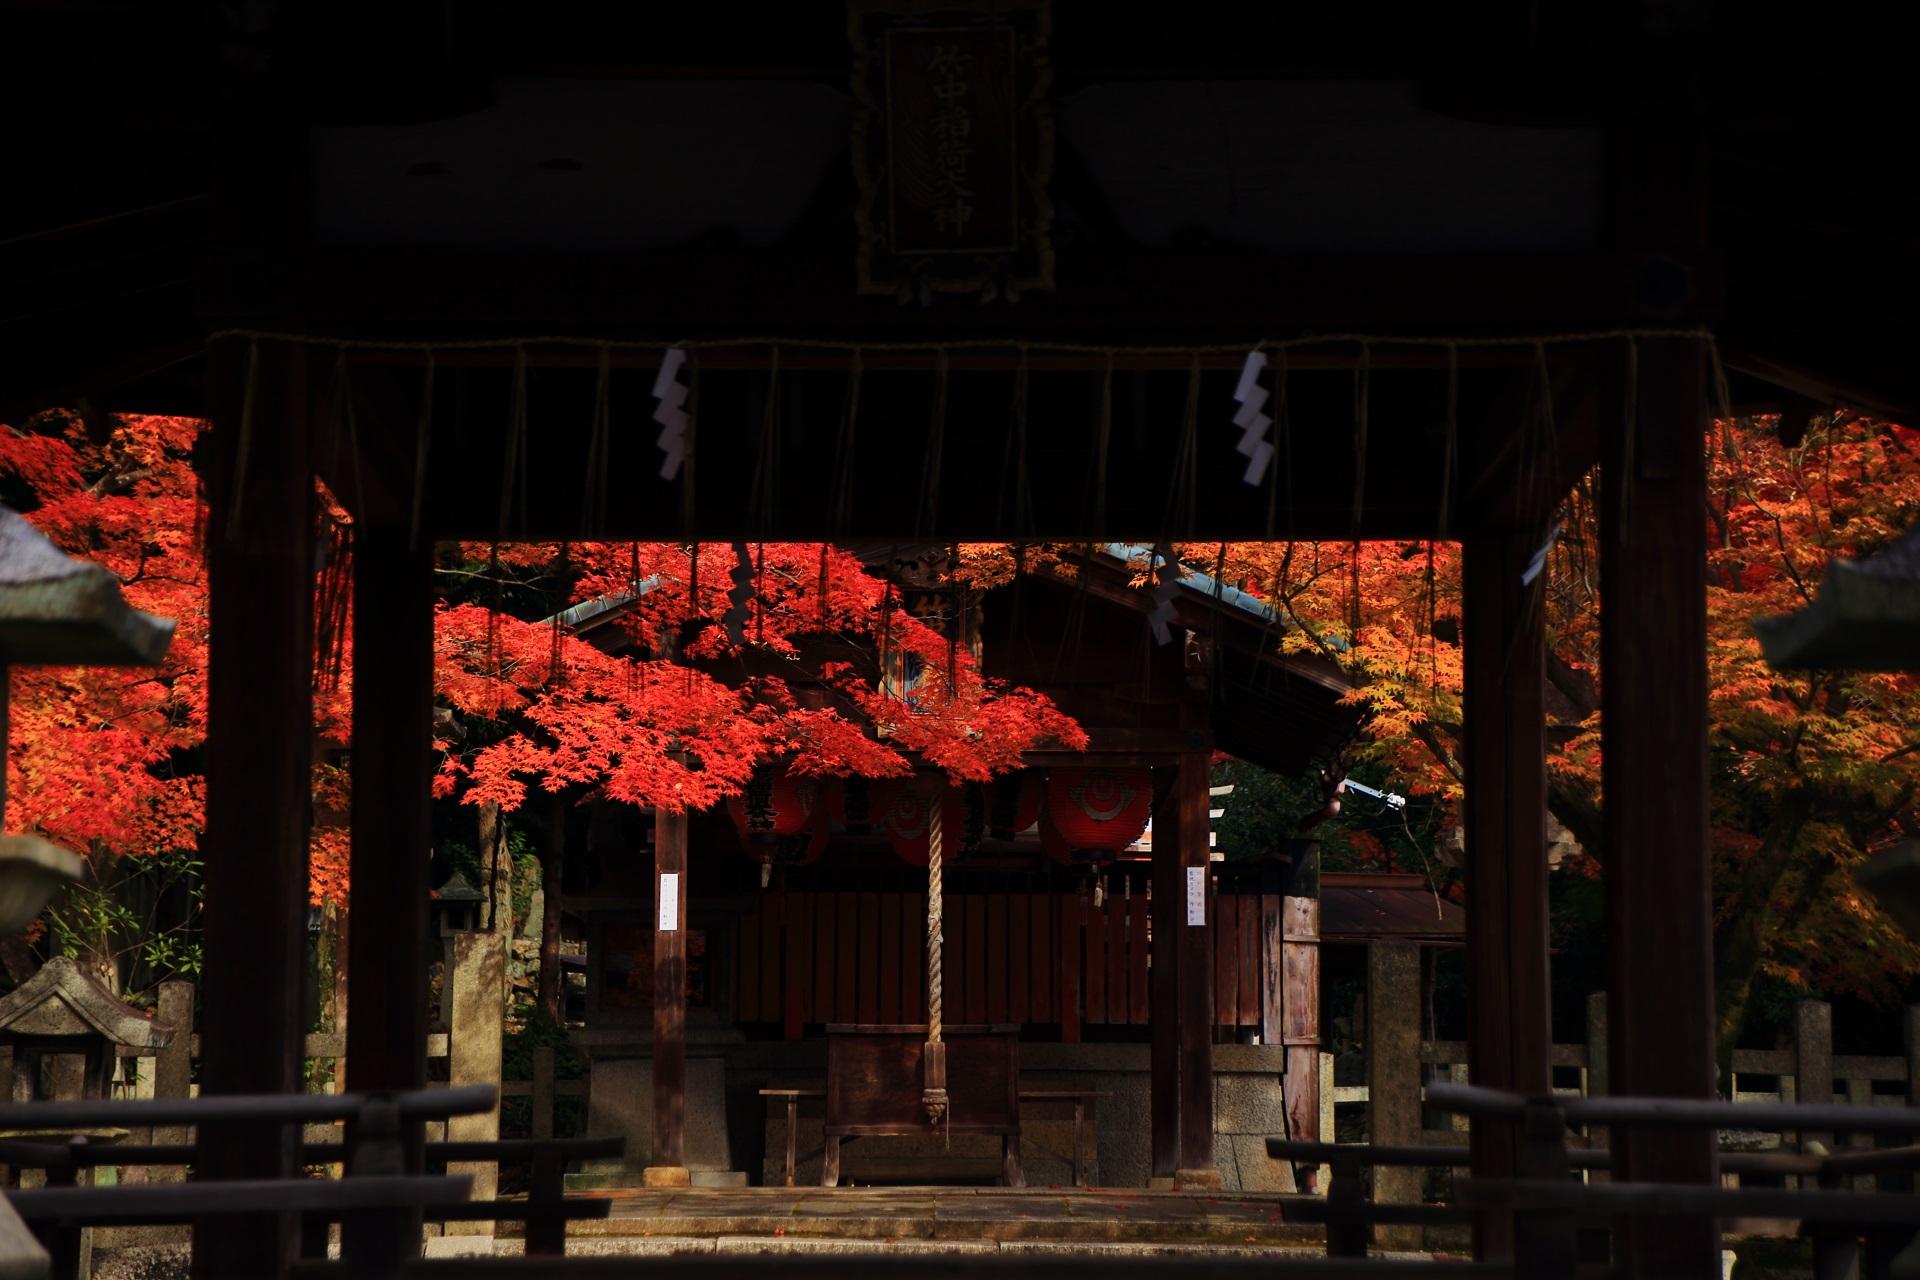 拝殿から眺めた本殿を染める艶やかな秋色